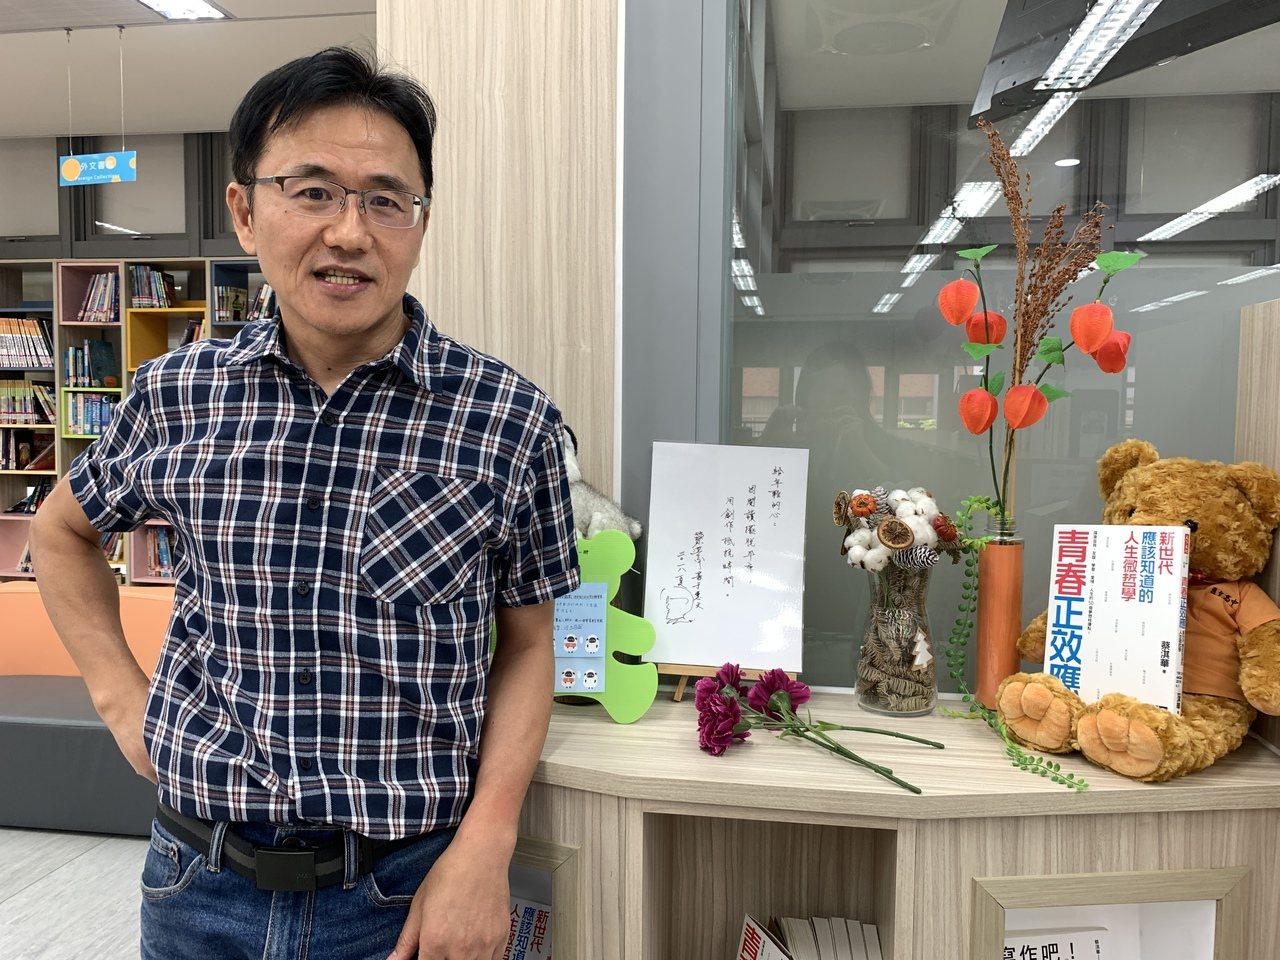 惠文高中英文老師蔡淇華,2013年因學生打翻一杯珍珠奶茶,開啟寫作之路。 圖/喻...